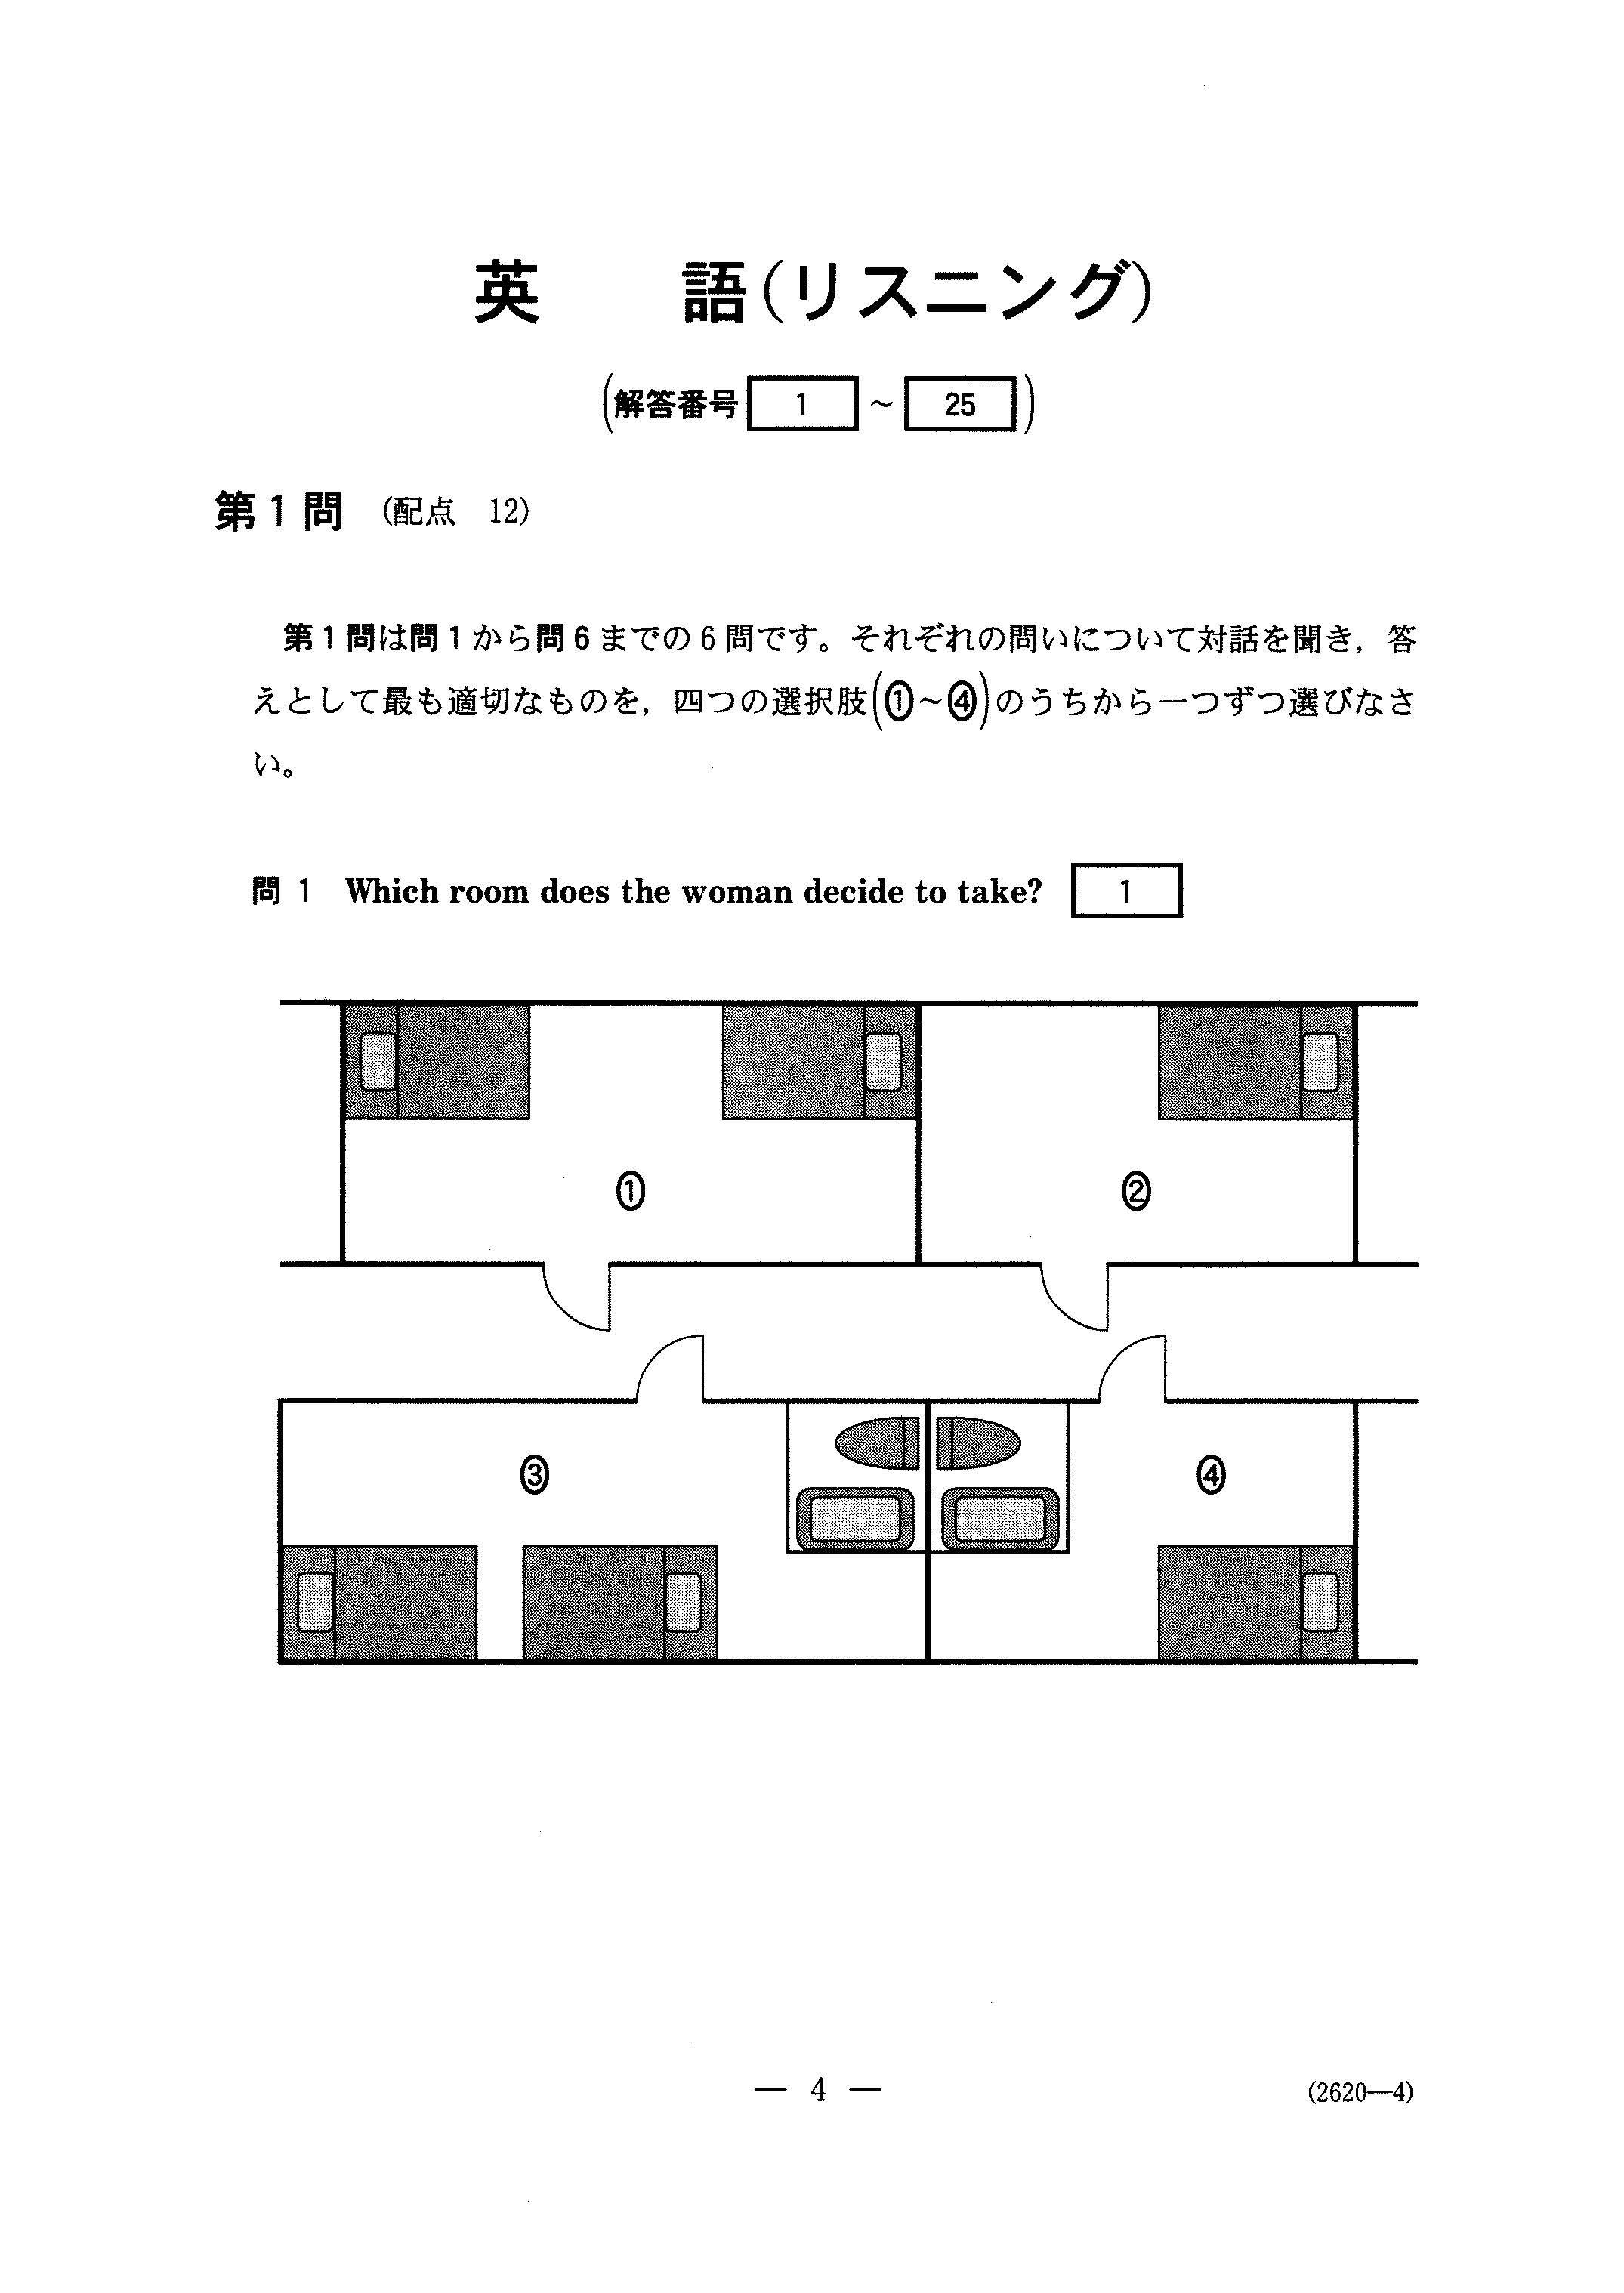 H29外国語 英語_リスニング 大学入試センター試験過去問